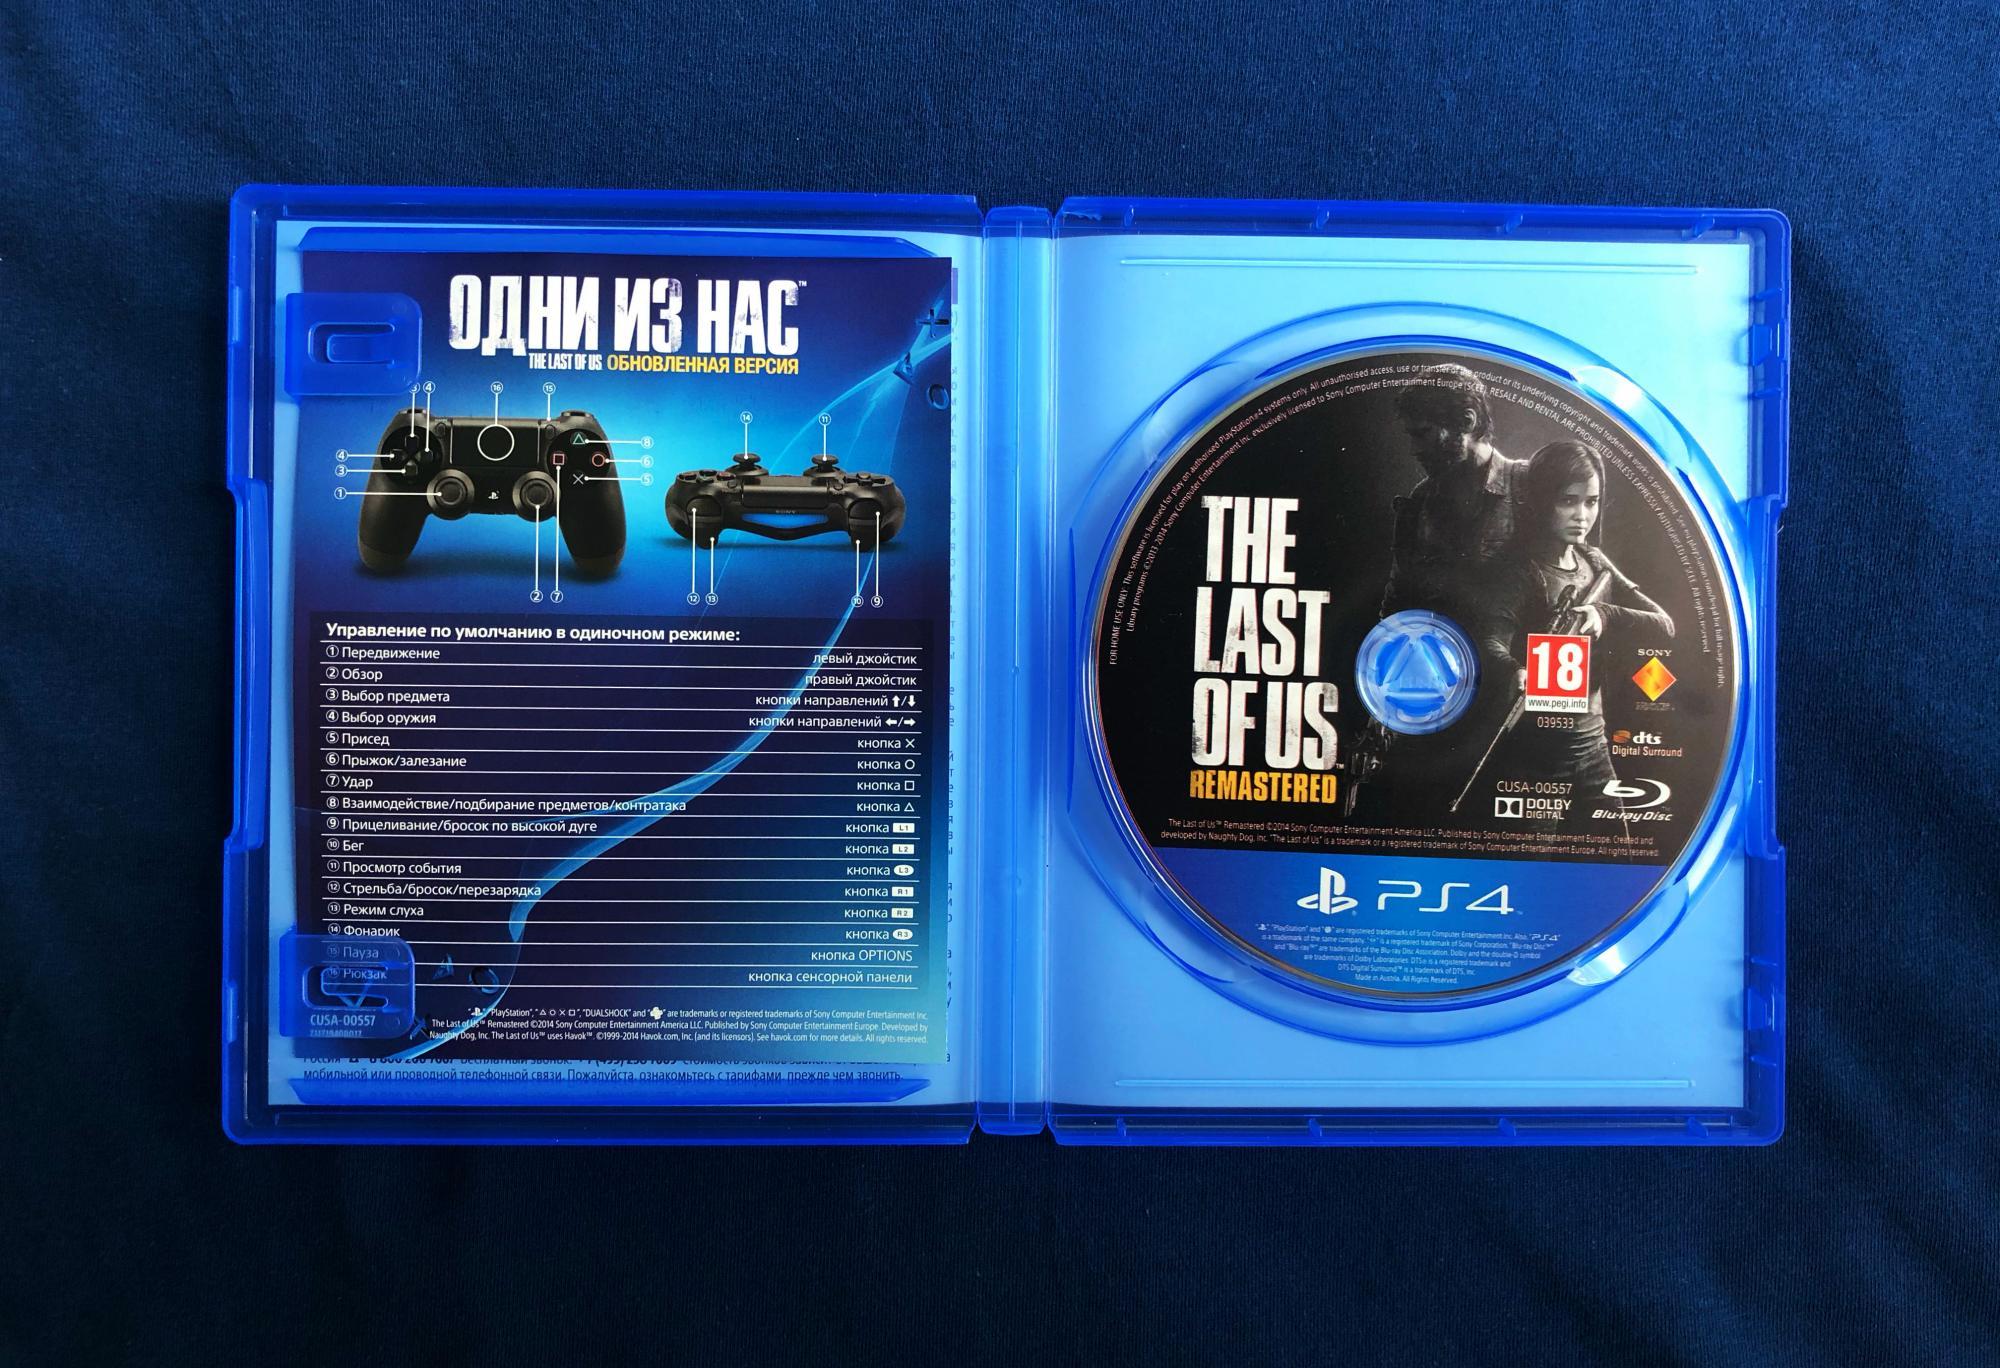 Одни из нас: Обновленная версия PS4 в Москве 89153096285 купить 2